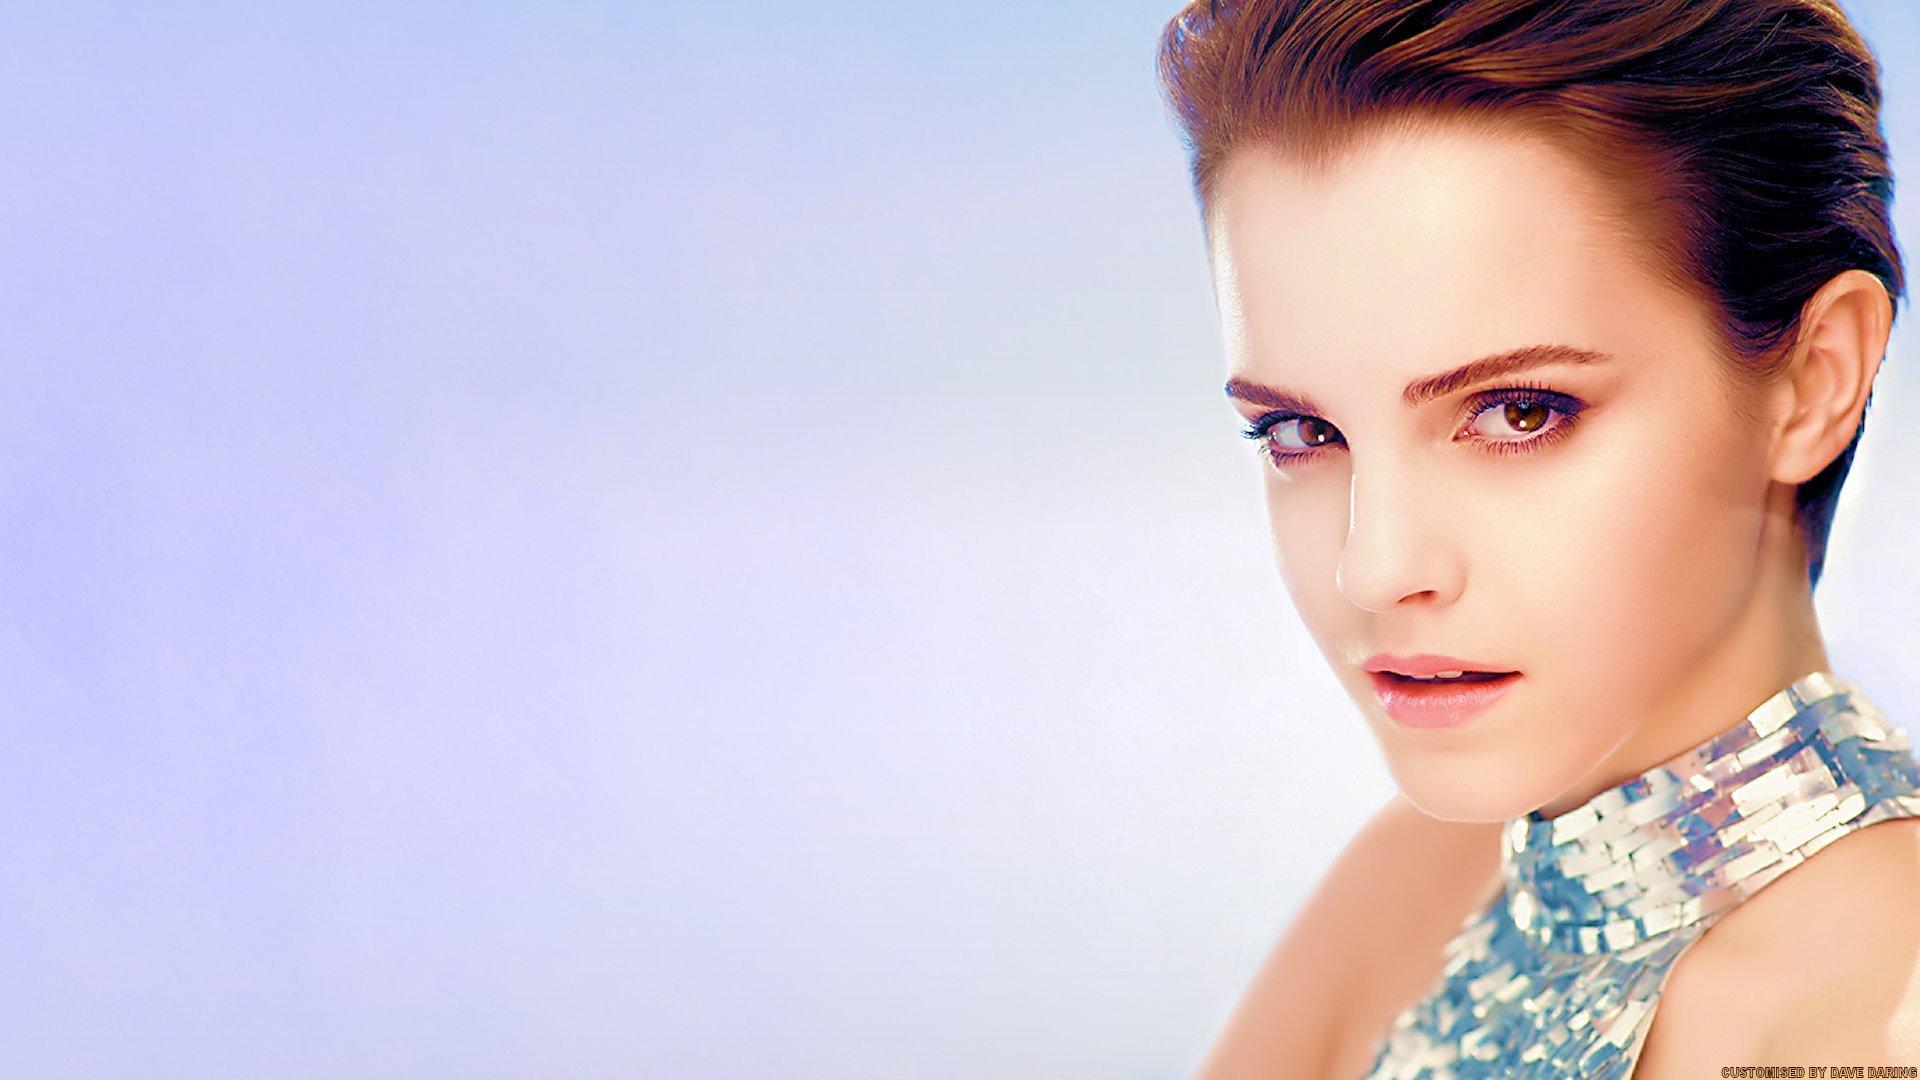 Emma-Watson-10-wallpapers--08.jpg